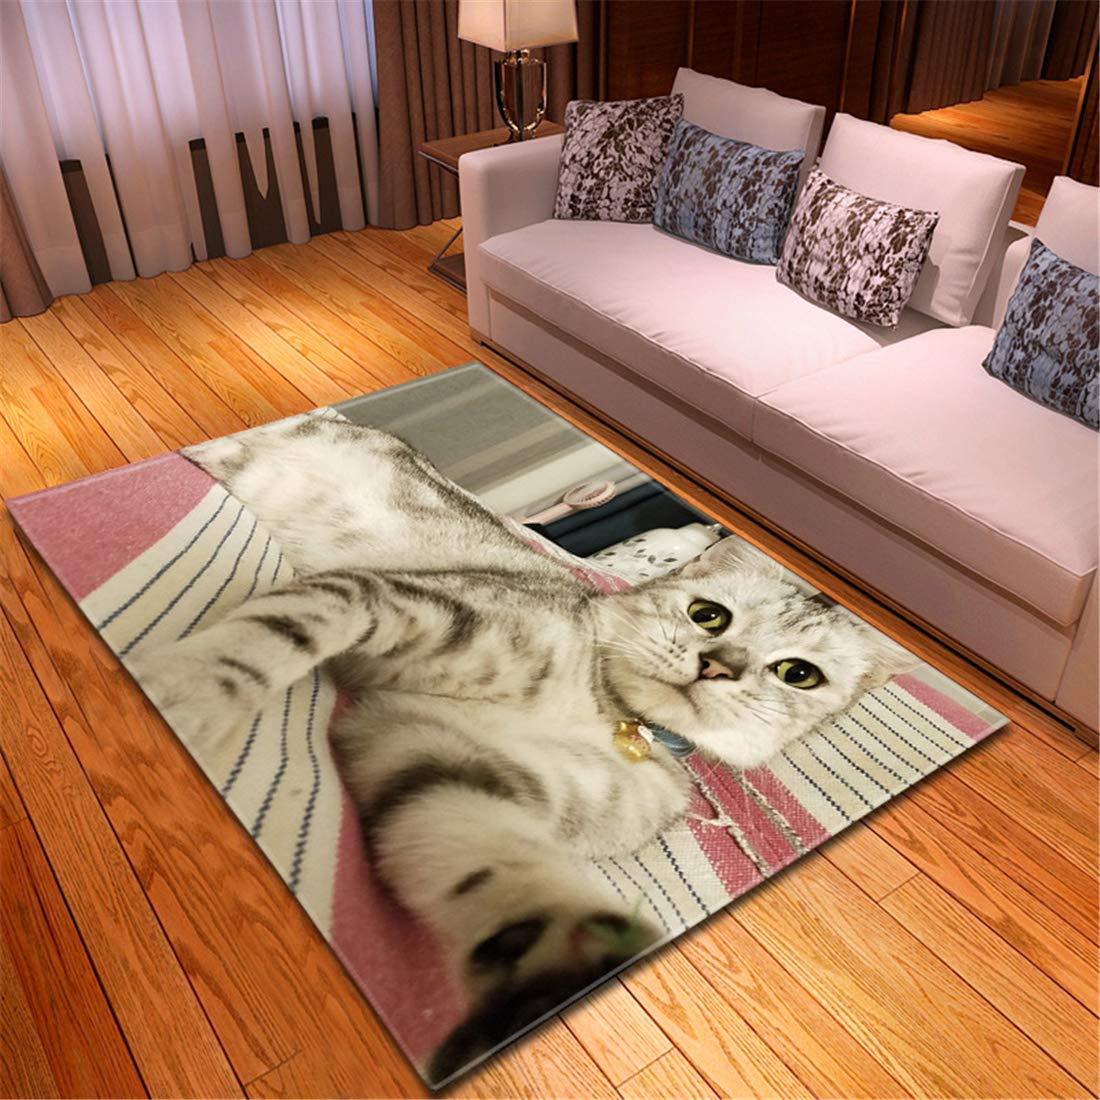 おしゃれなマット ラグ ベージュラグマット3畳 150x210cm 孟ペット猫犬ペットカーペット装飾マット滑り止めマット長正方形機械織りl19011249 B07TN2WCXP l19011251 150x210cm